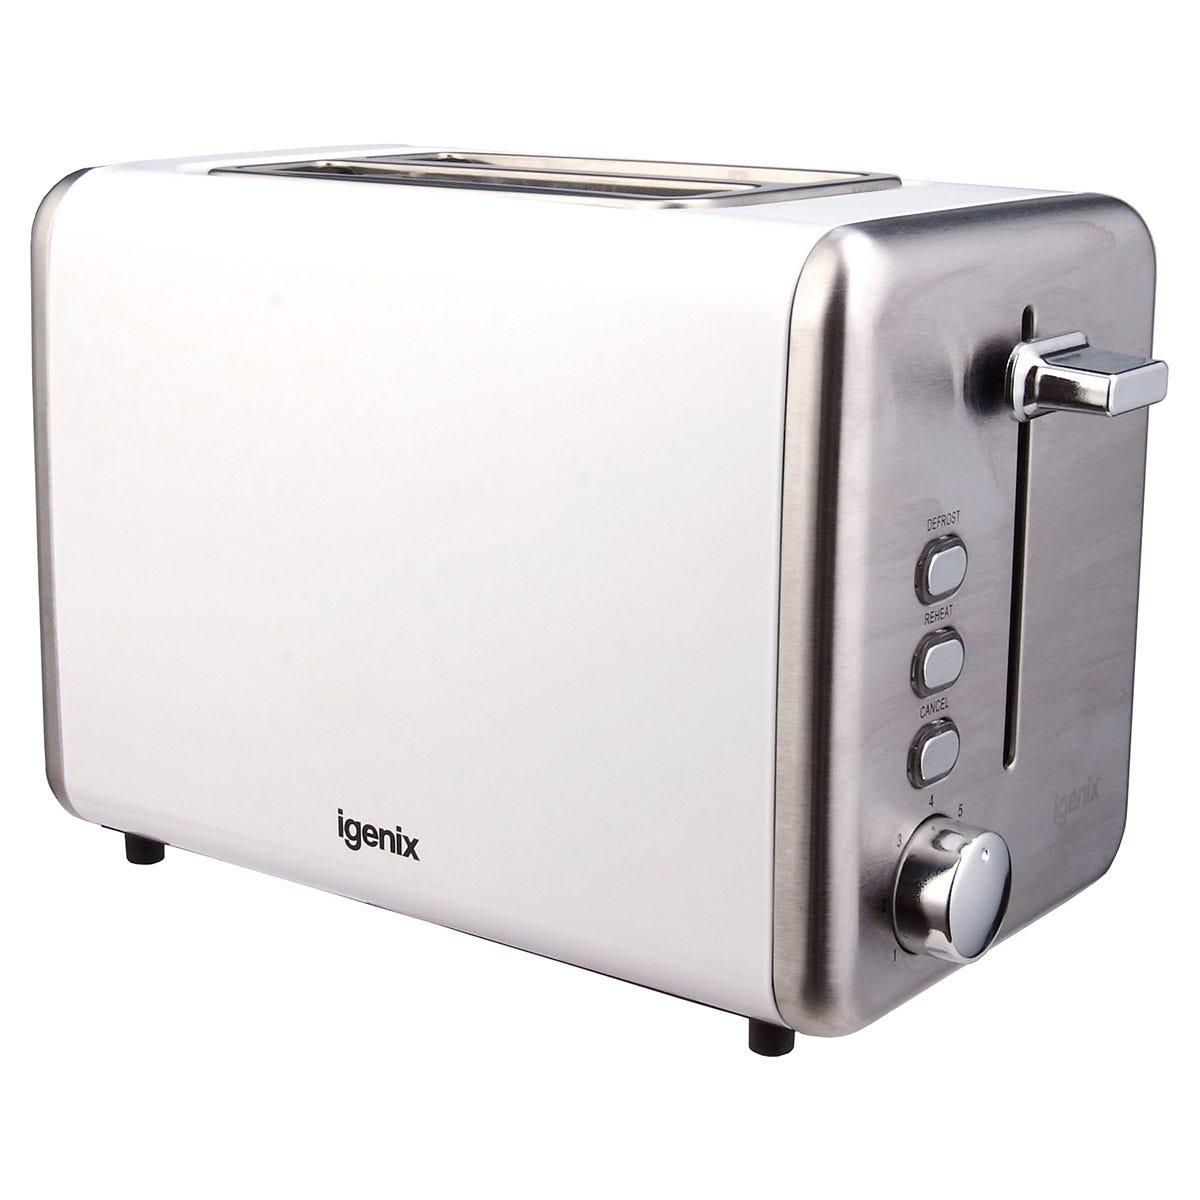 Igenix IG3000W 2-Slice Deep Slot 850W Stainless Steel Toaster - White